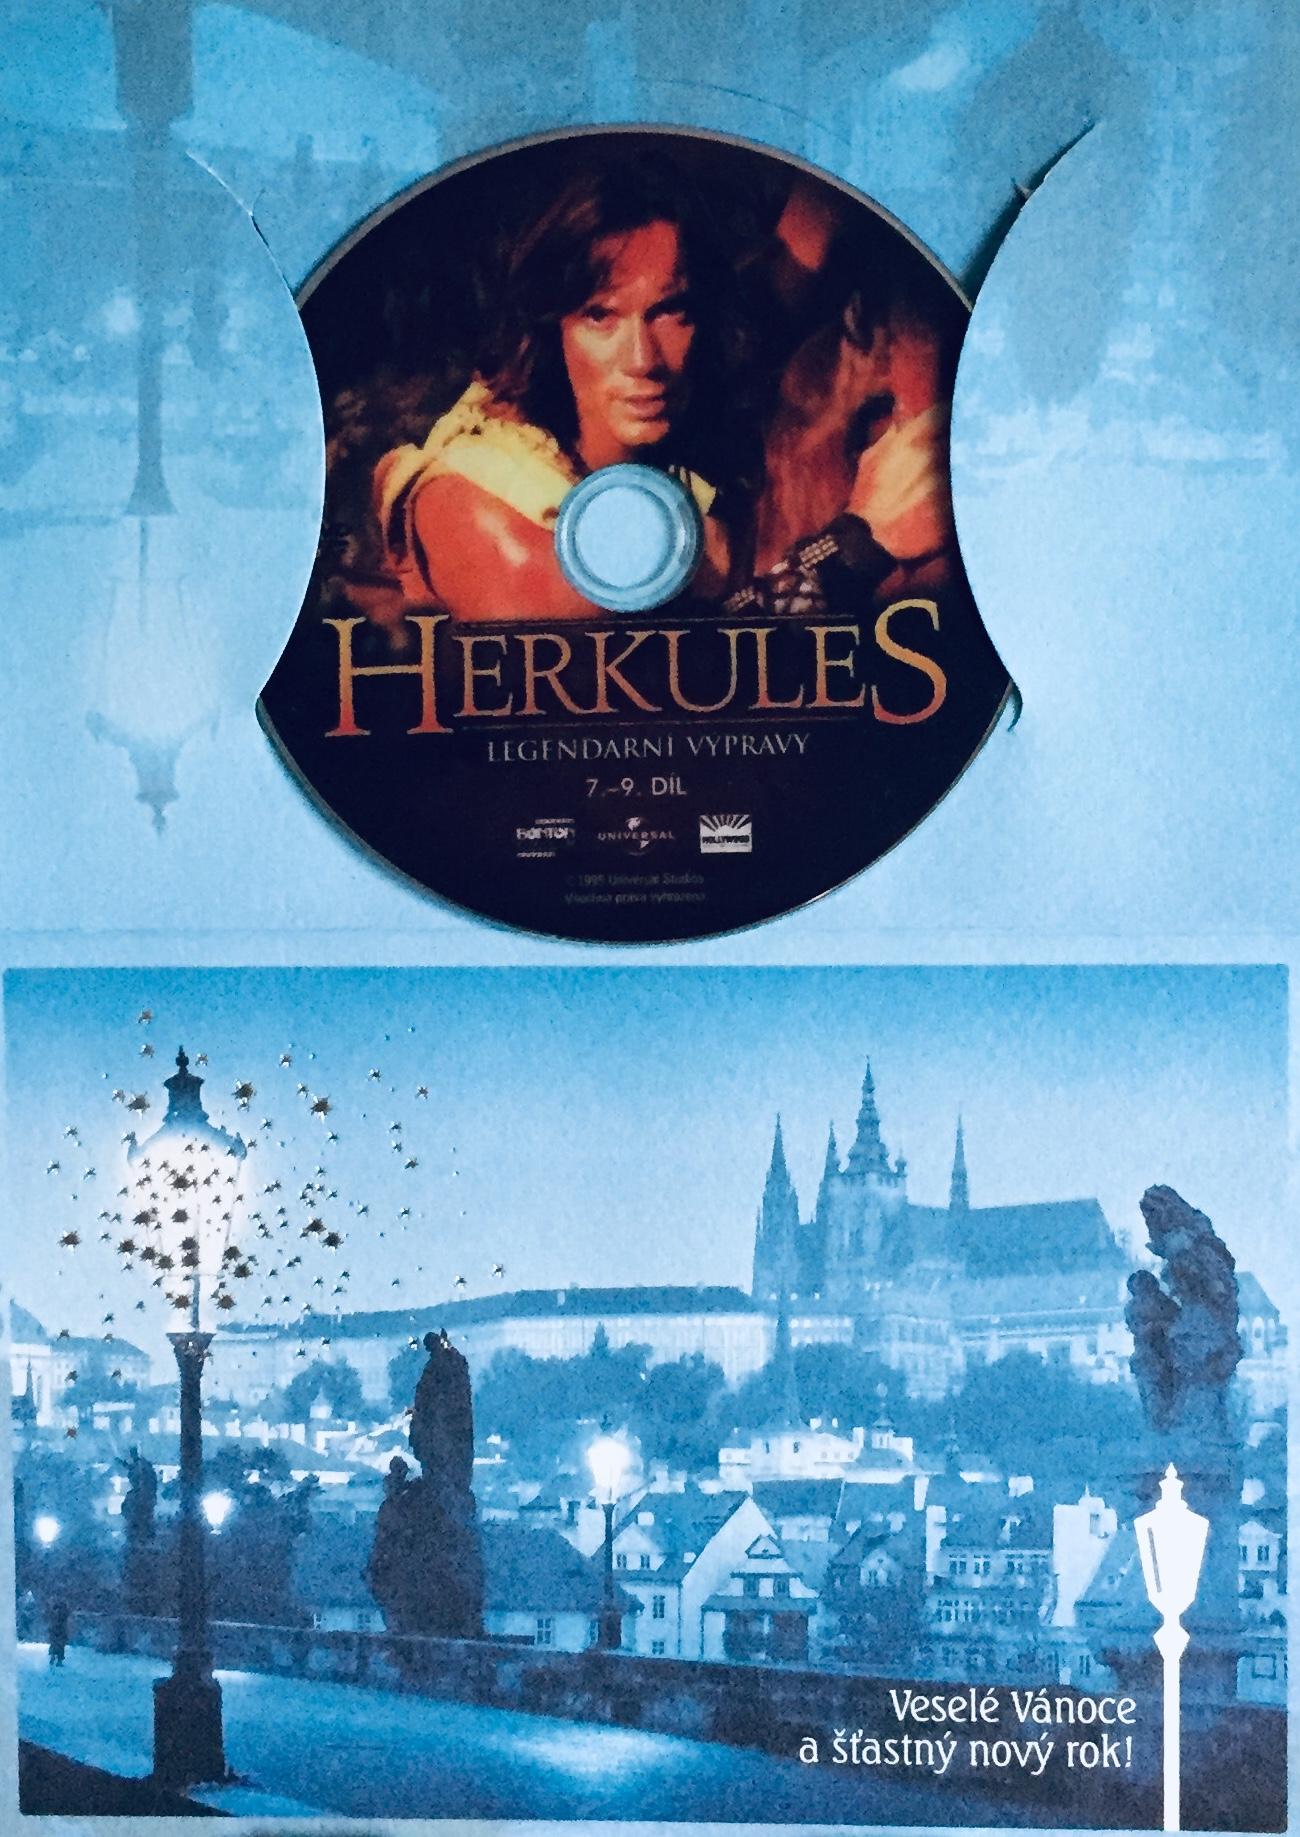 Herkules - Legendární výpravy - 7.-9. díl - DVD /dárkový obal/